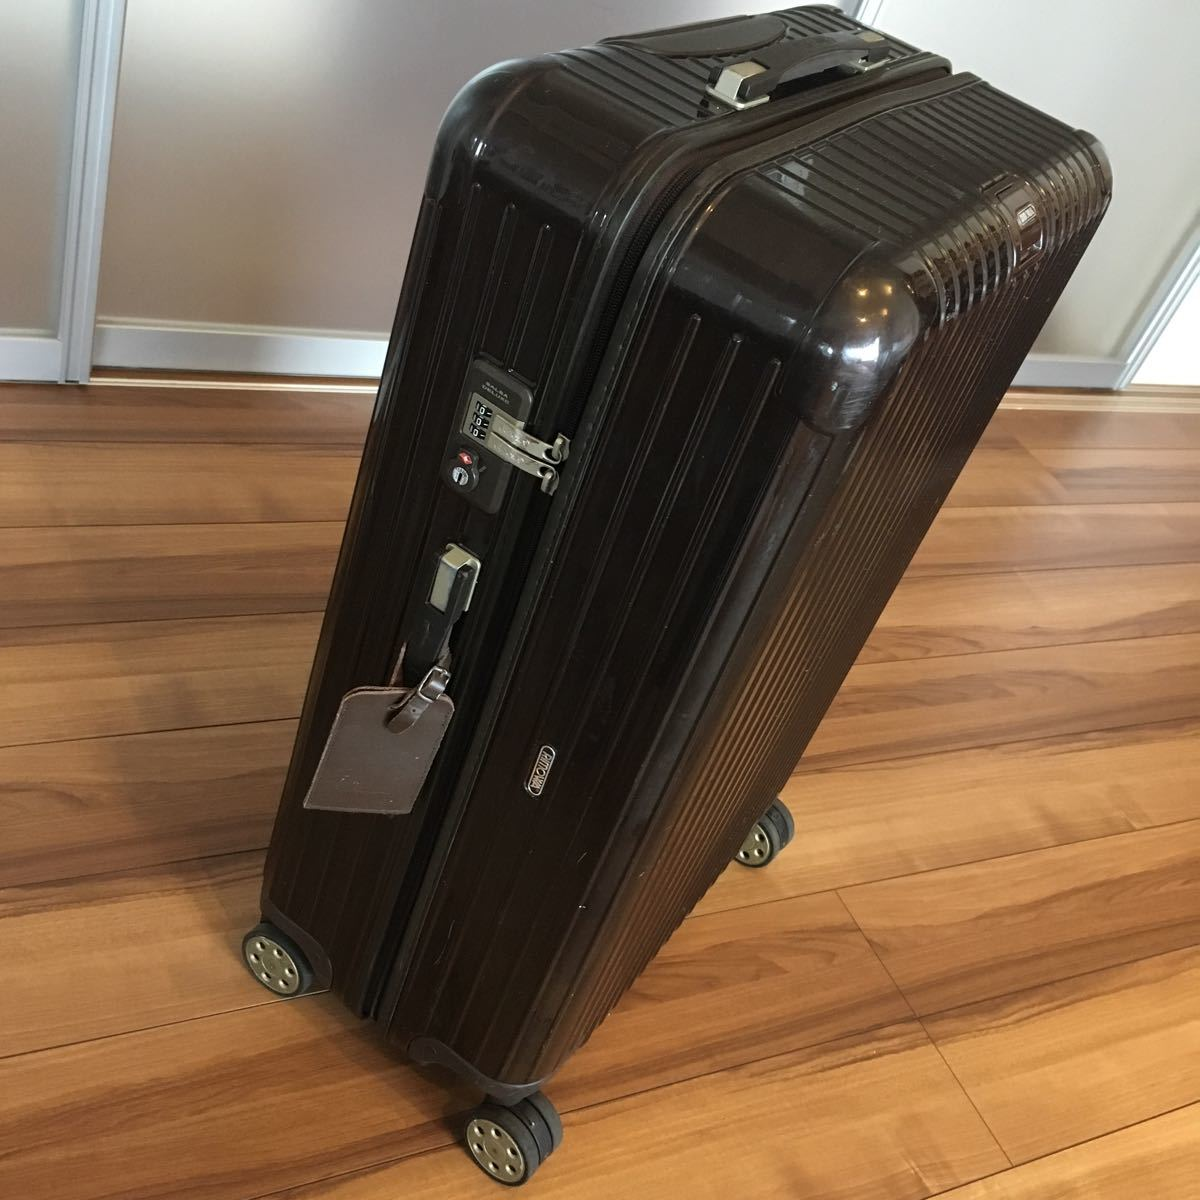 中古 RIMOWAリモワ サルサ デラックス 87L SALSA DELUXE キャリーバック スーツケース ブラウン 機内持ち込み不可 新型 TSA有 4輪 ゼロハリ_画像2